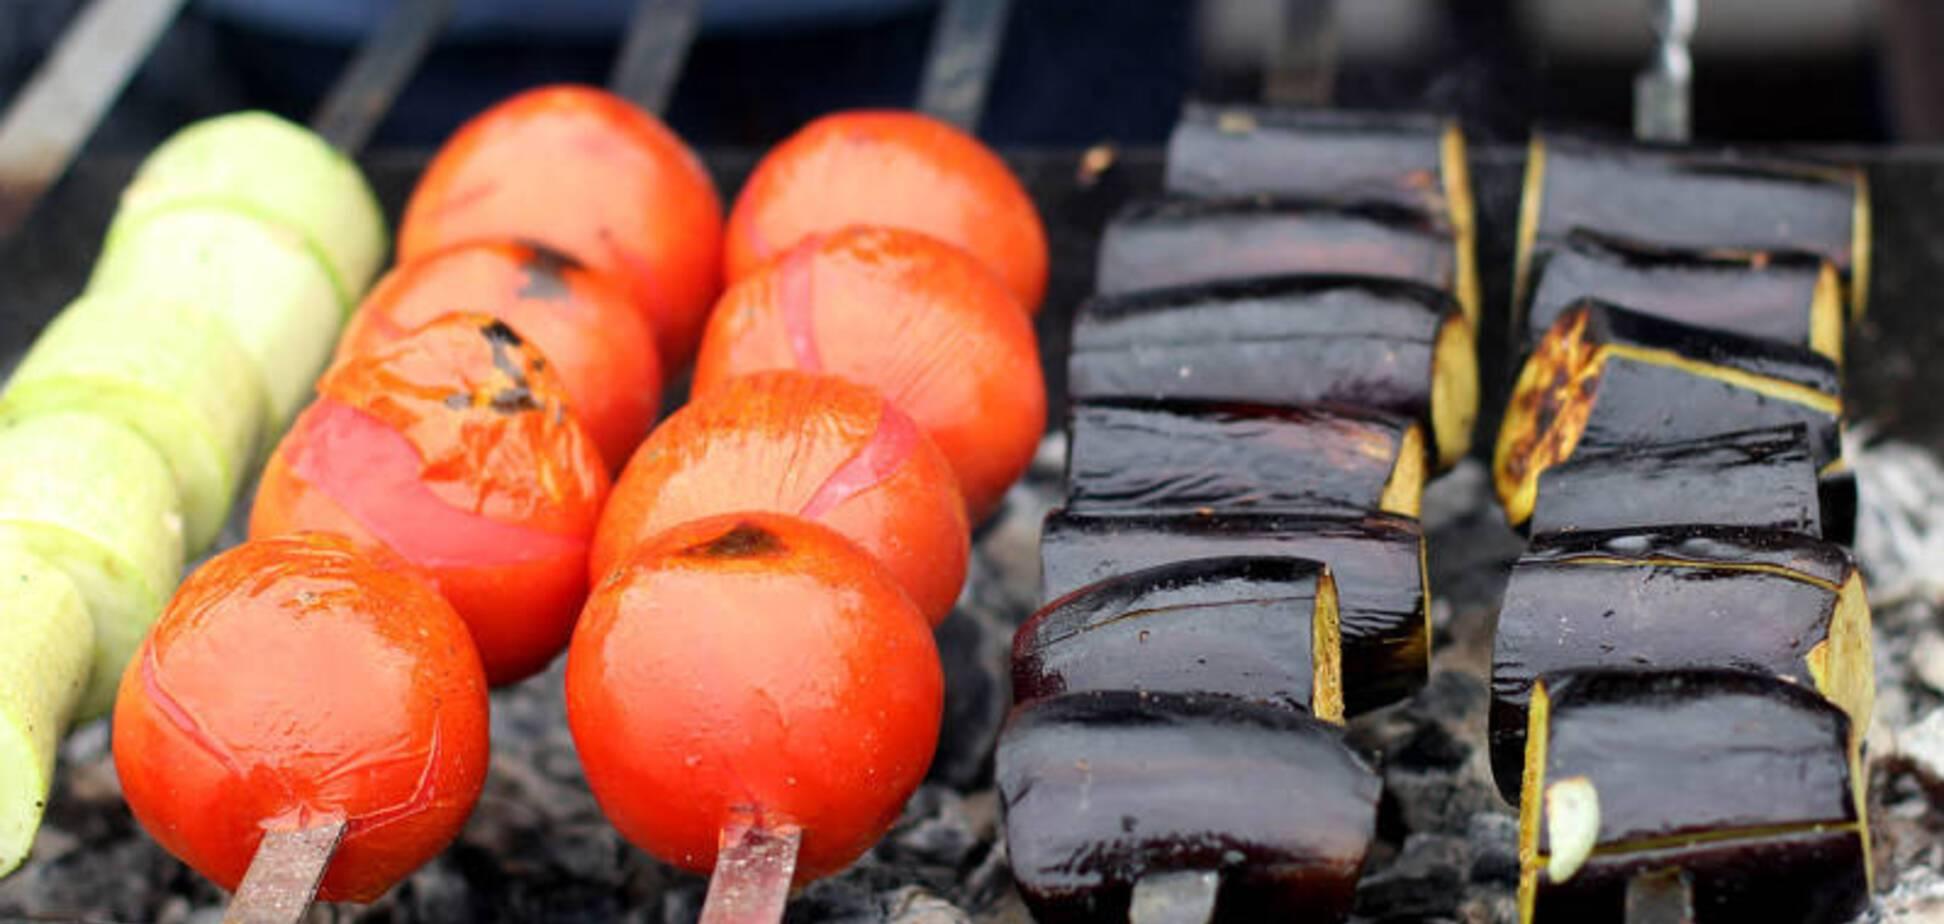 Рецепт дуже смачного маринаду для овочів на мангалі